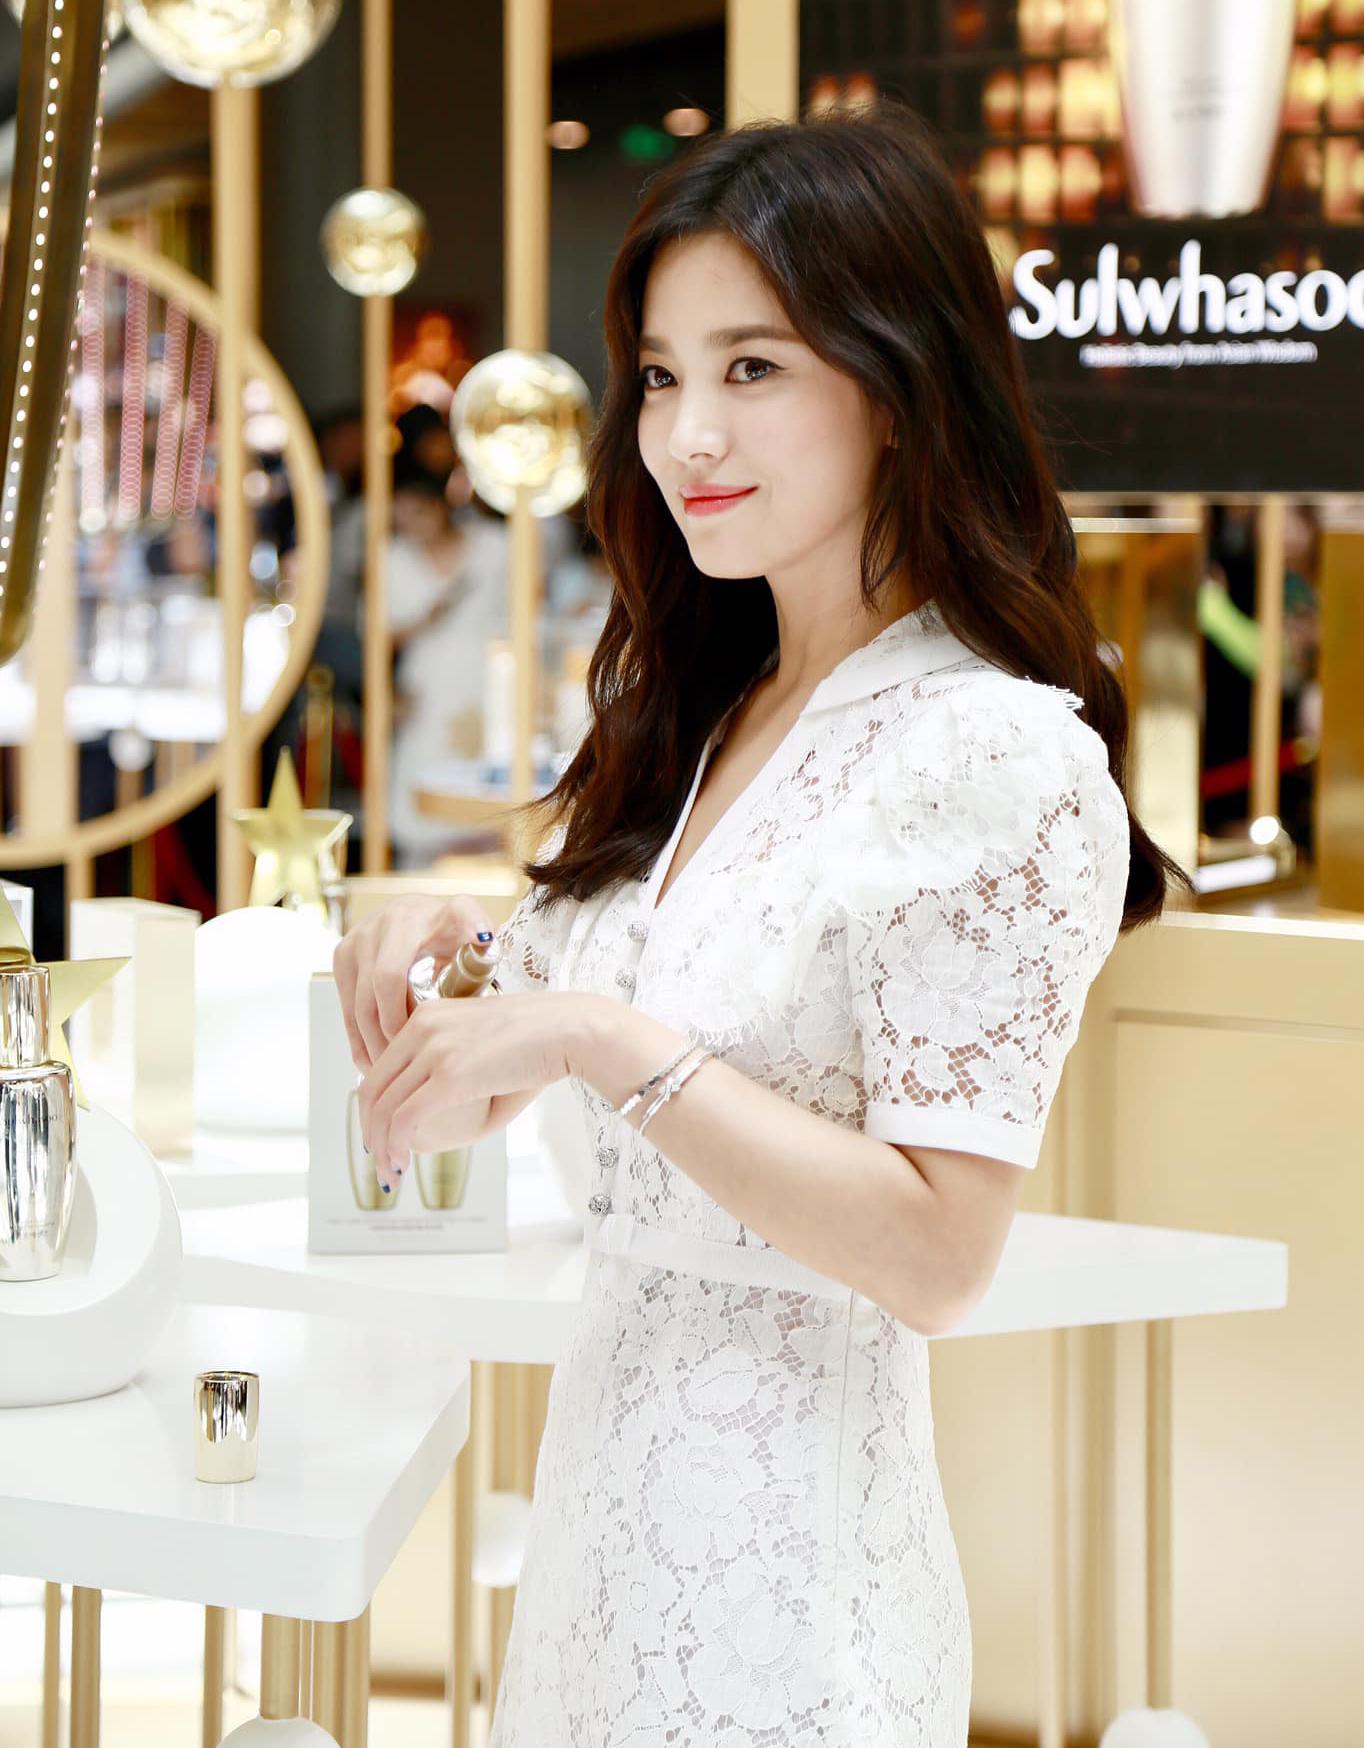 Những lần lên đồ đi sự kiện đơn giản mà sang ngút ngàn của Song Hye Kyo - 8